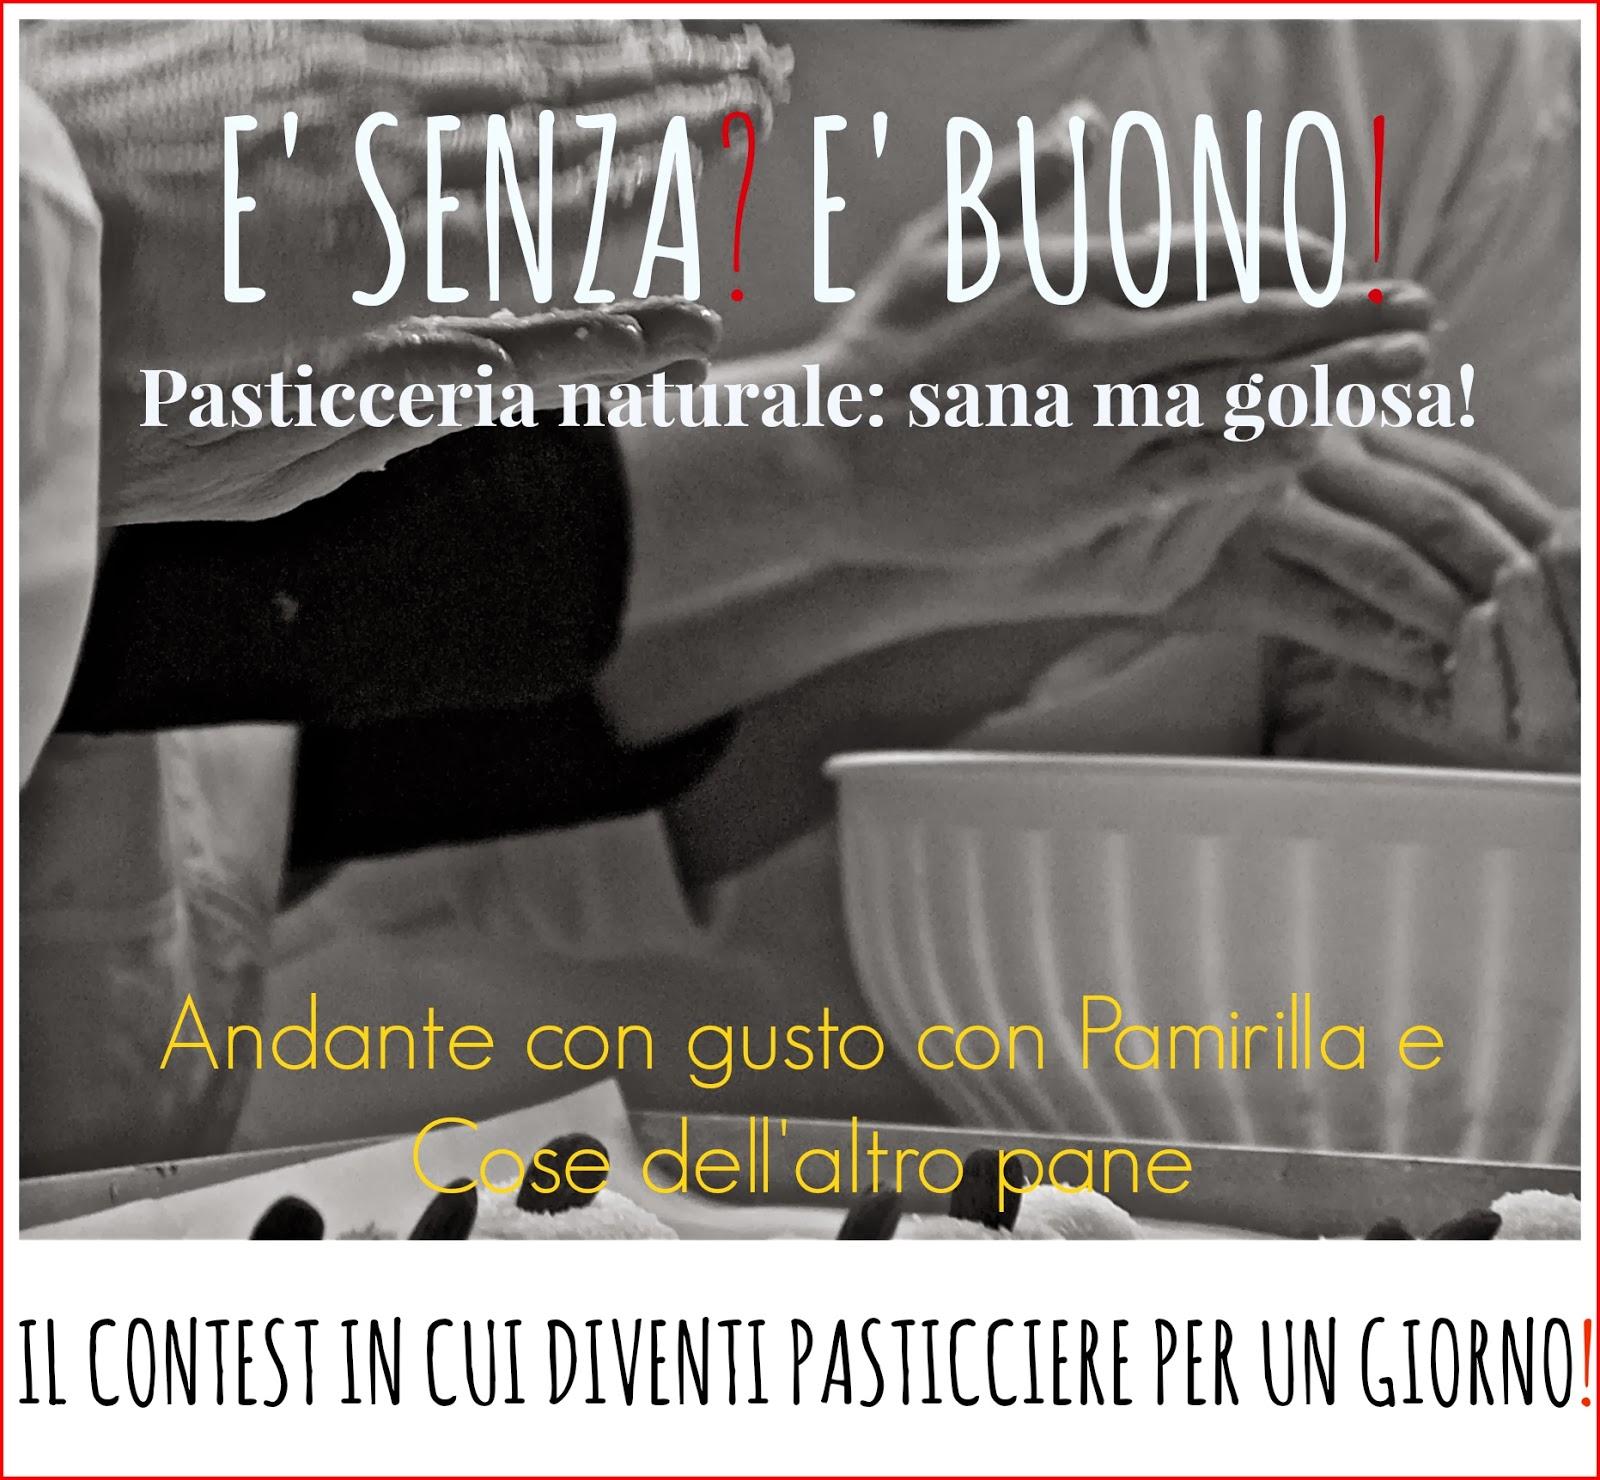 http://www.andantecongusto.it/2014/01/due-compleanni-ed-un-contest-per-stare.html